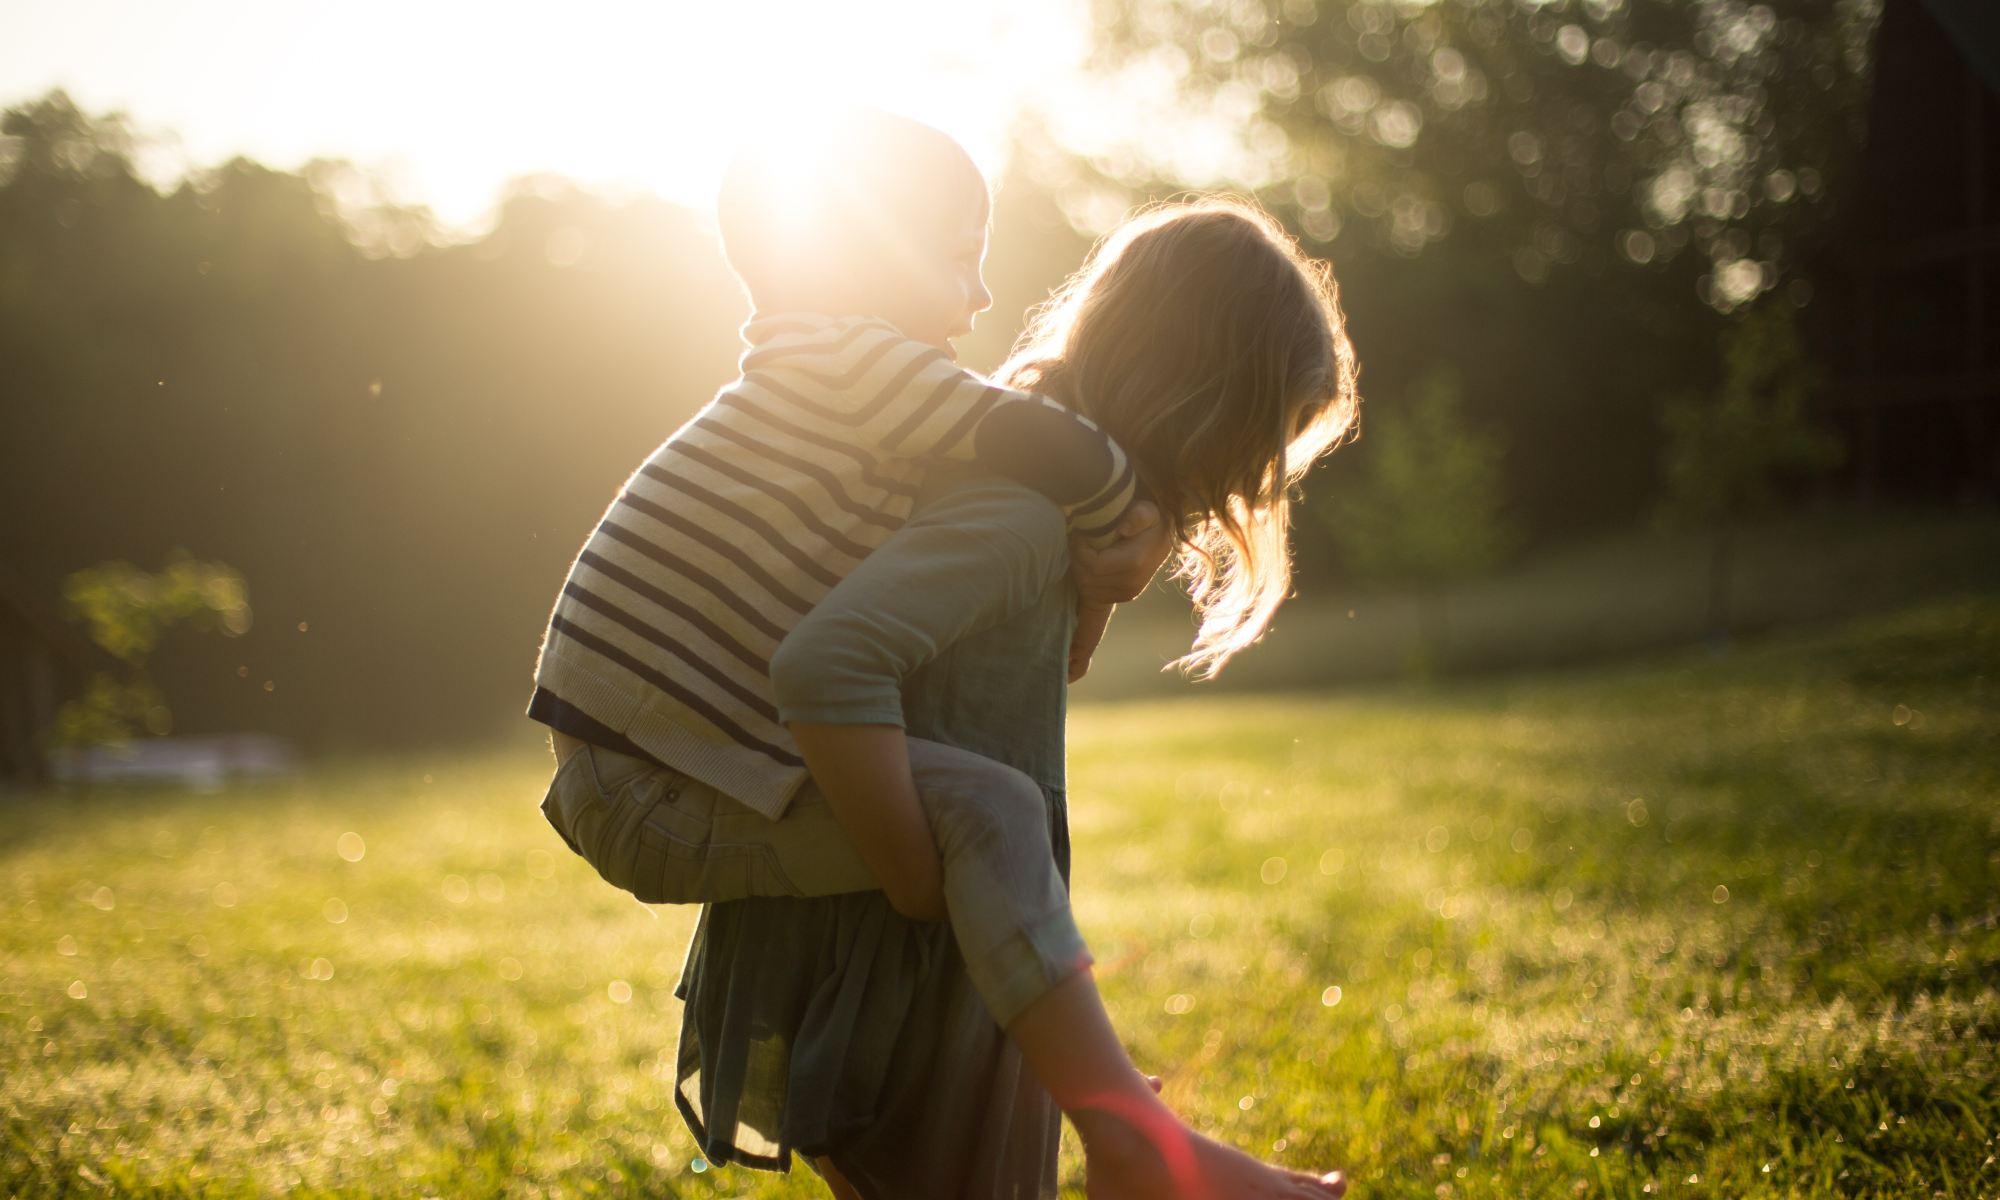 Un garçon sur le dos d'une fille dans le soleil couchant